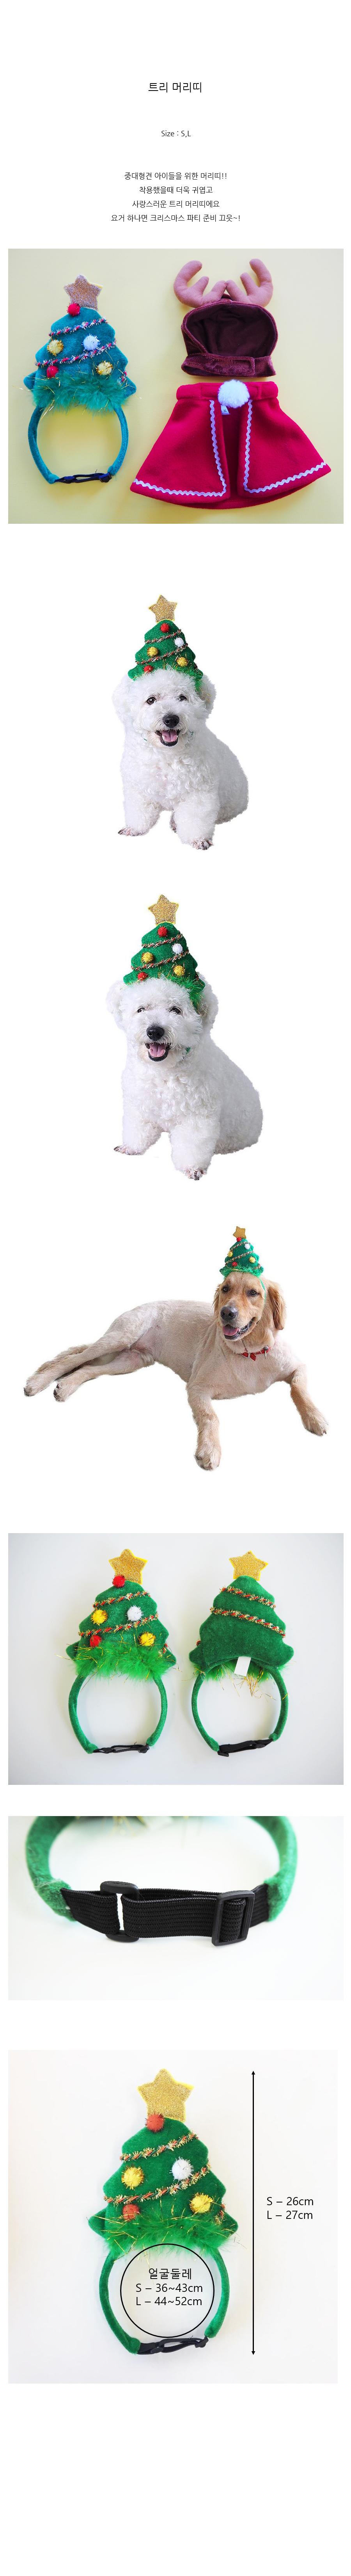 강아지 헤어밴드 머리띠 트리 S - 스토어봄, 6,300원, 의류/액세서리, 액세서리